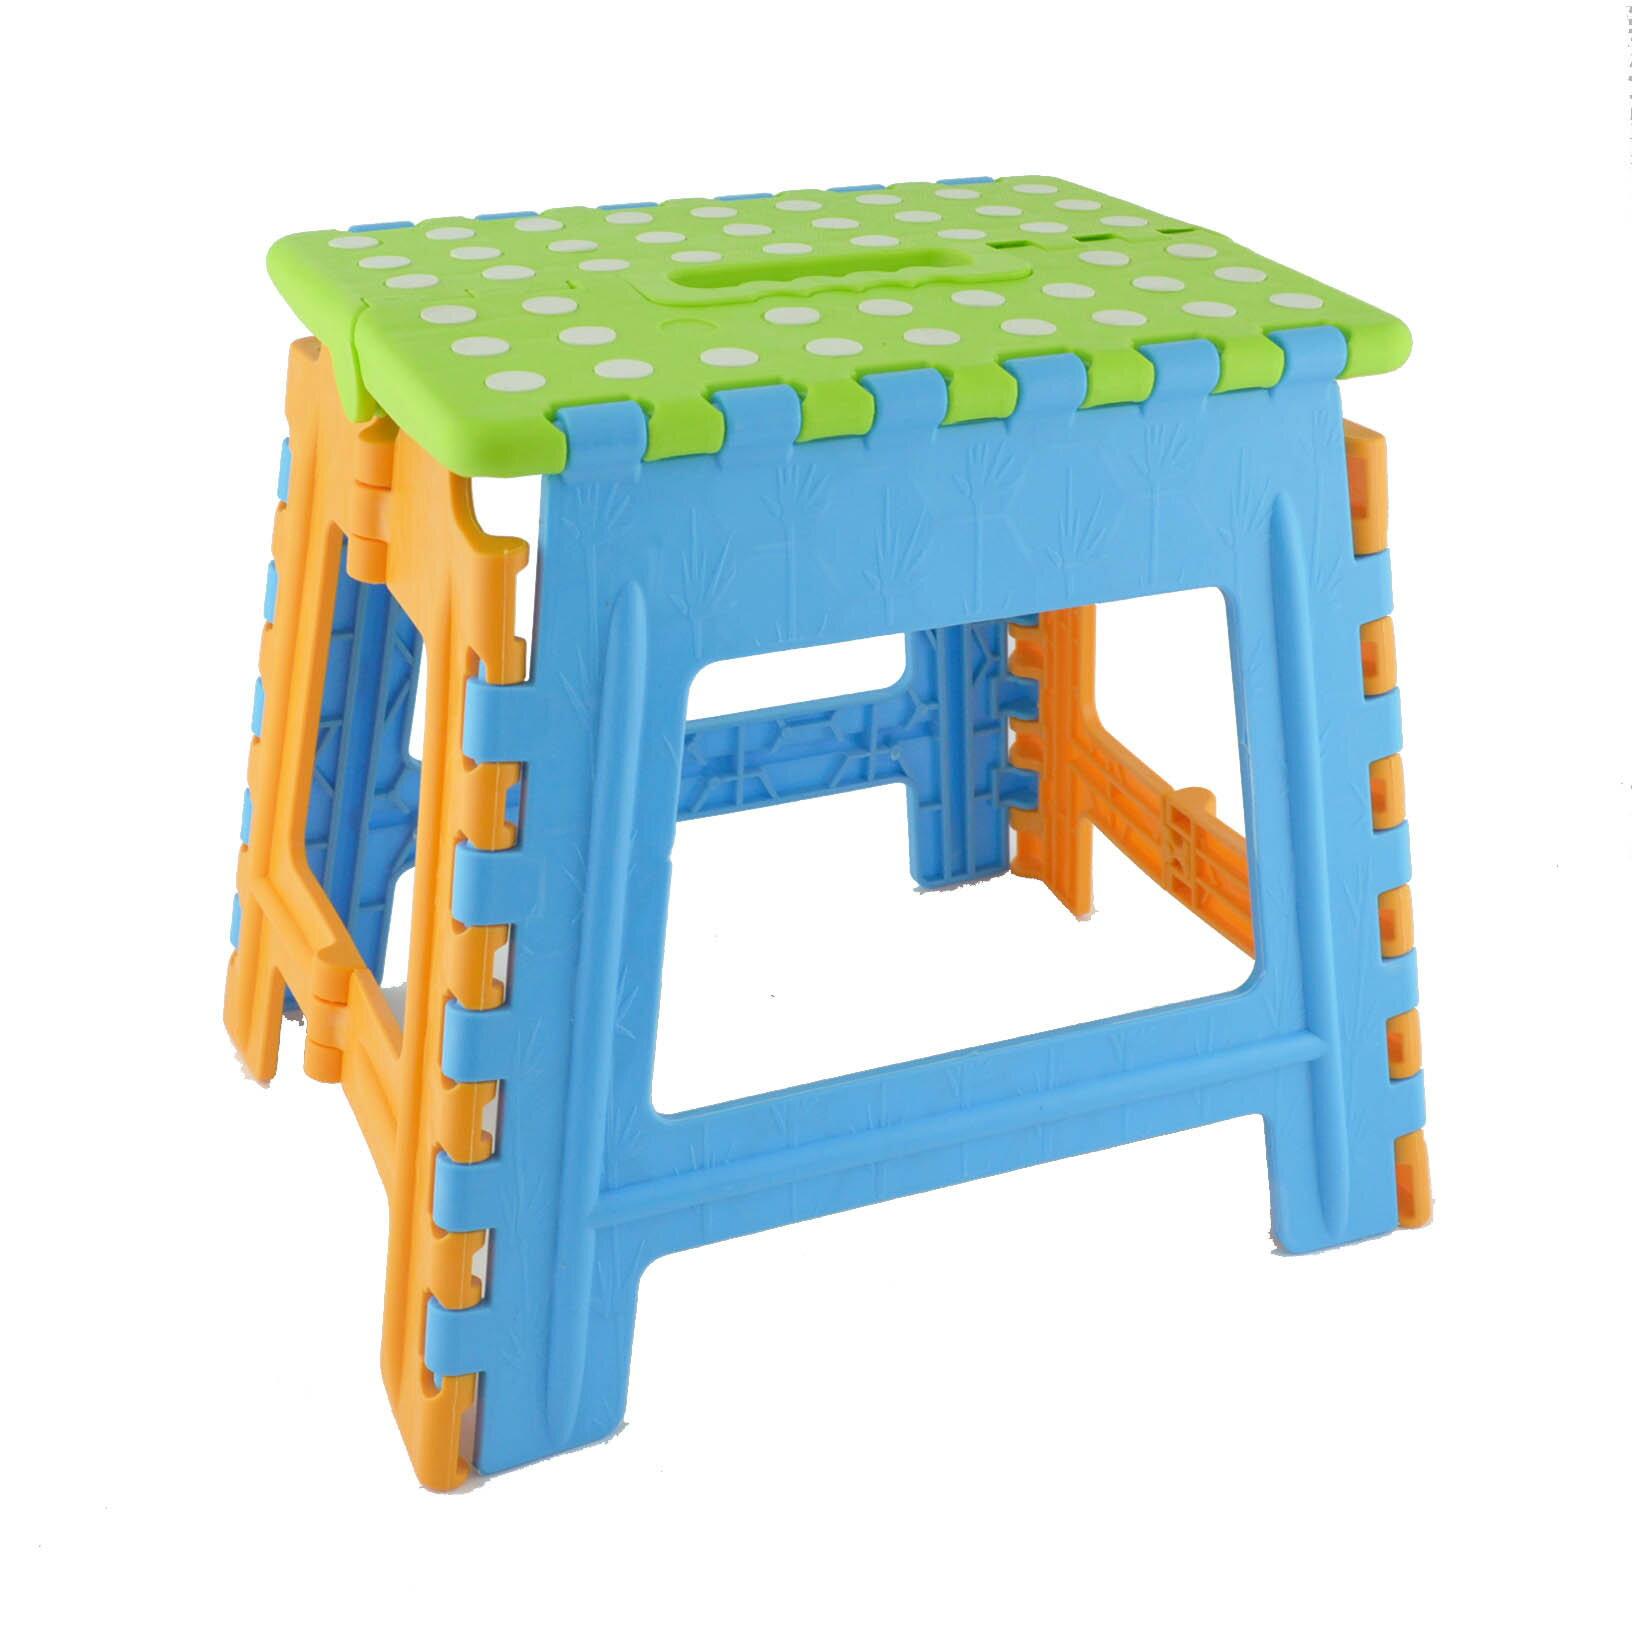 8805多功能折疊椅(大) 摺疊椅 折合椅 塑膠椅 休閒椅 餐椅 備用椅-不挑色